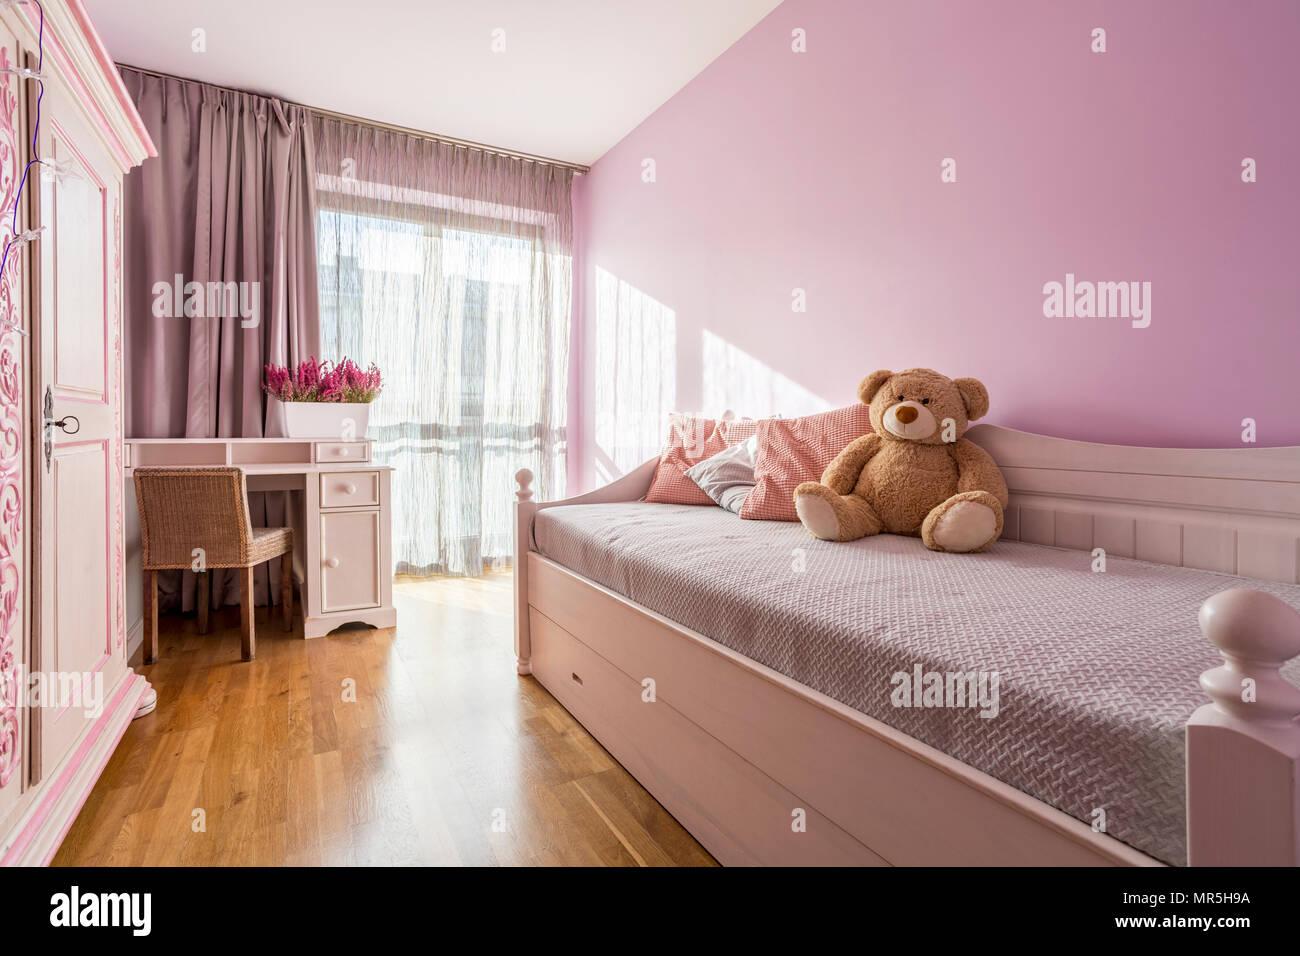 Dipingere Camera Da Letto Lilla : Camera da letto lilla immagini & camera da letto lilla fotos stock